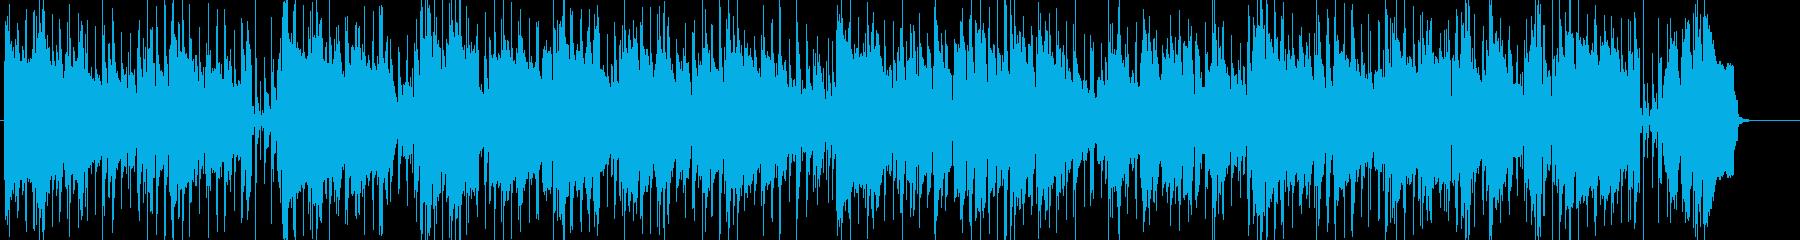 ジャズサックスの楽しく軽快なバンド曲の再生済みの波形